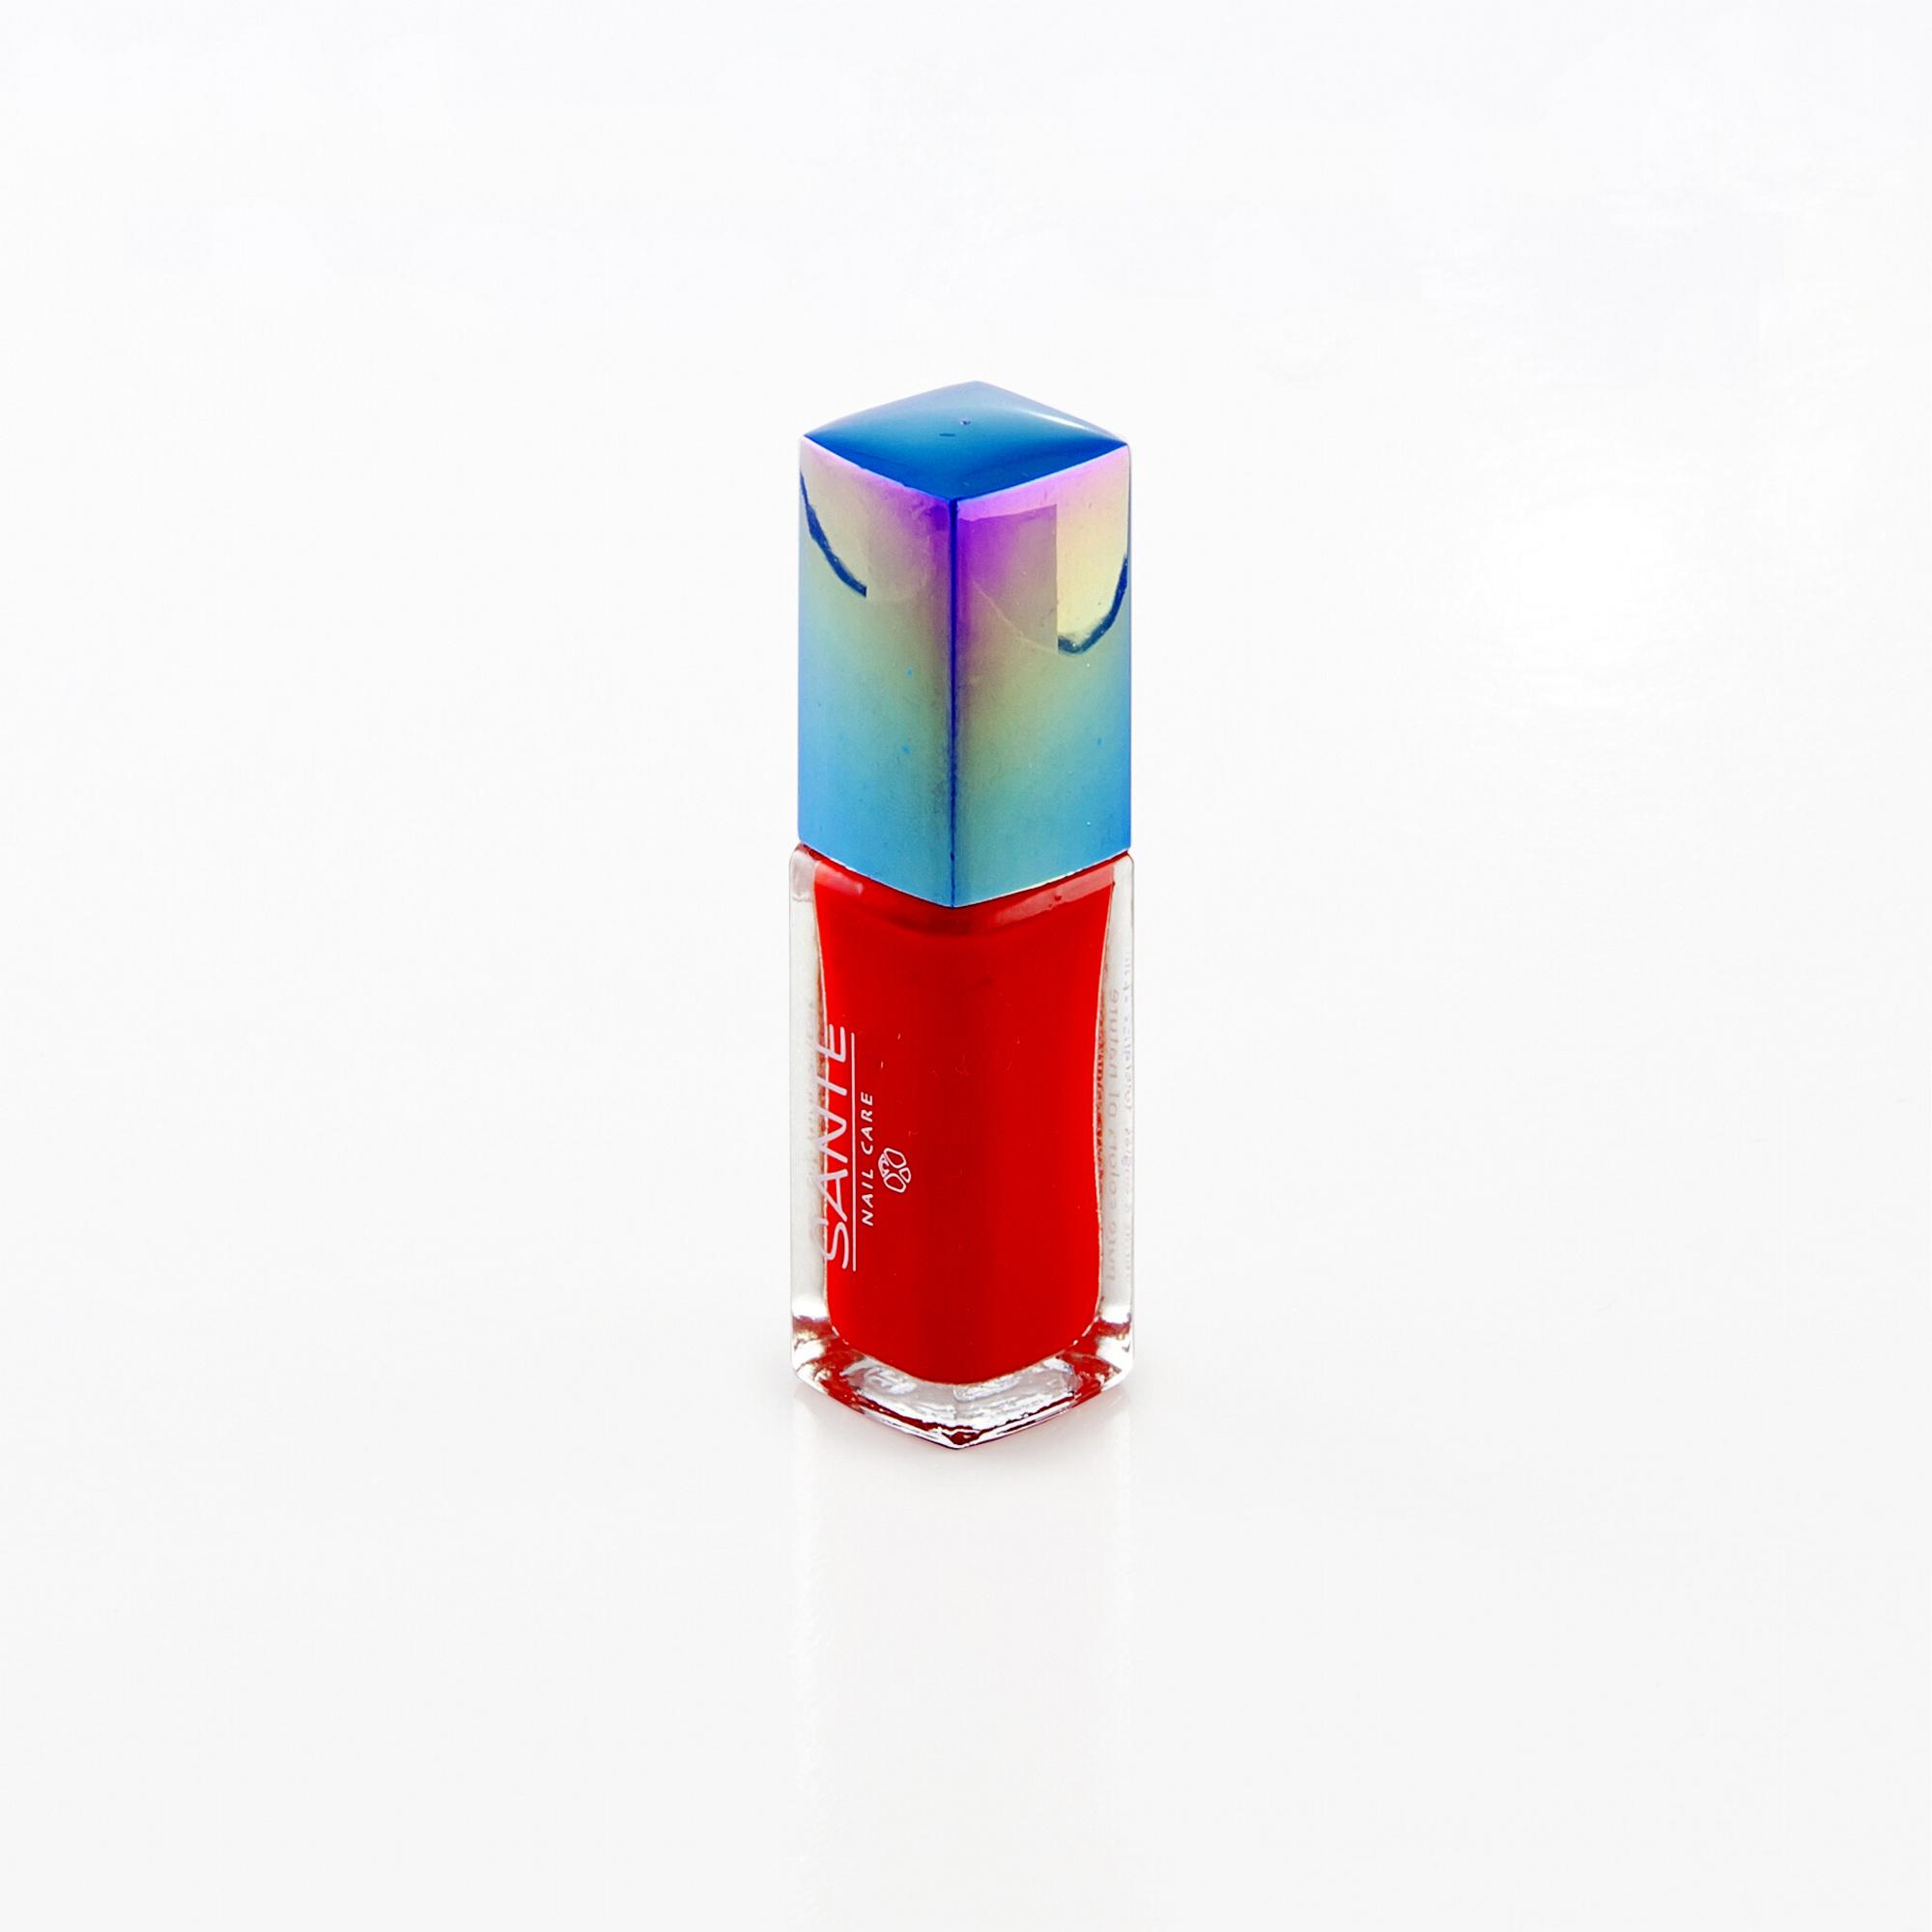 Santé Lak na nehty 16, warm red 7 ml